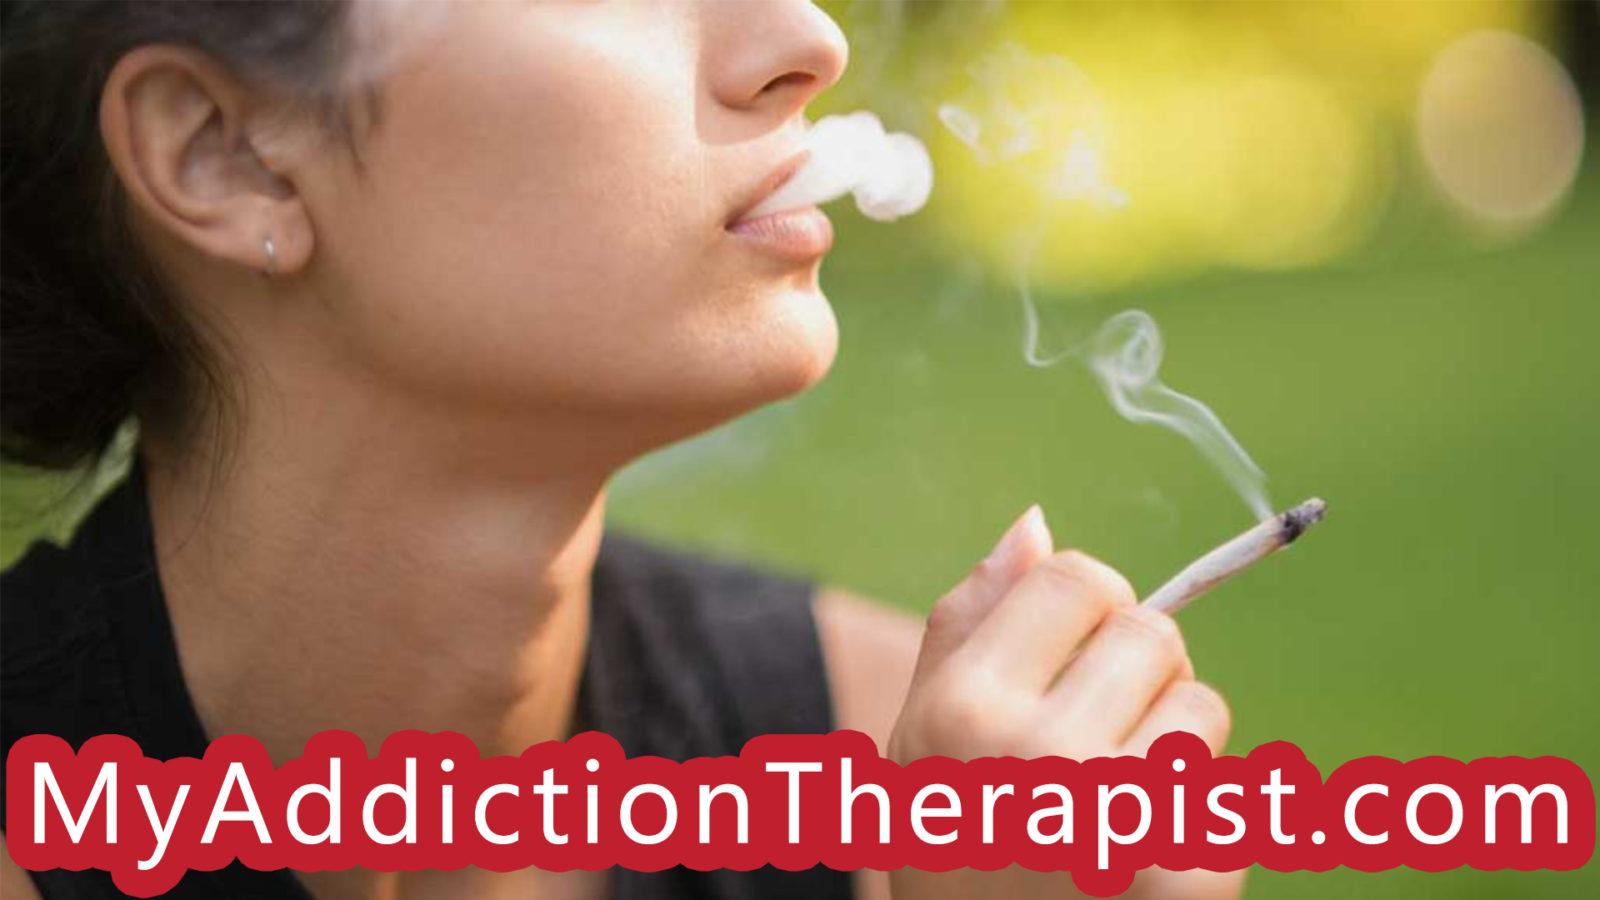 marijuana addiction therapist NY